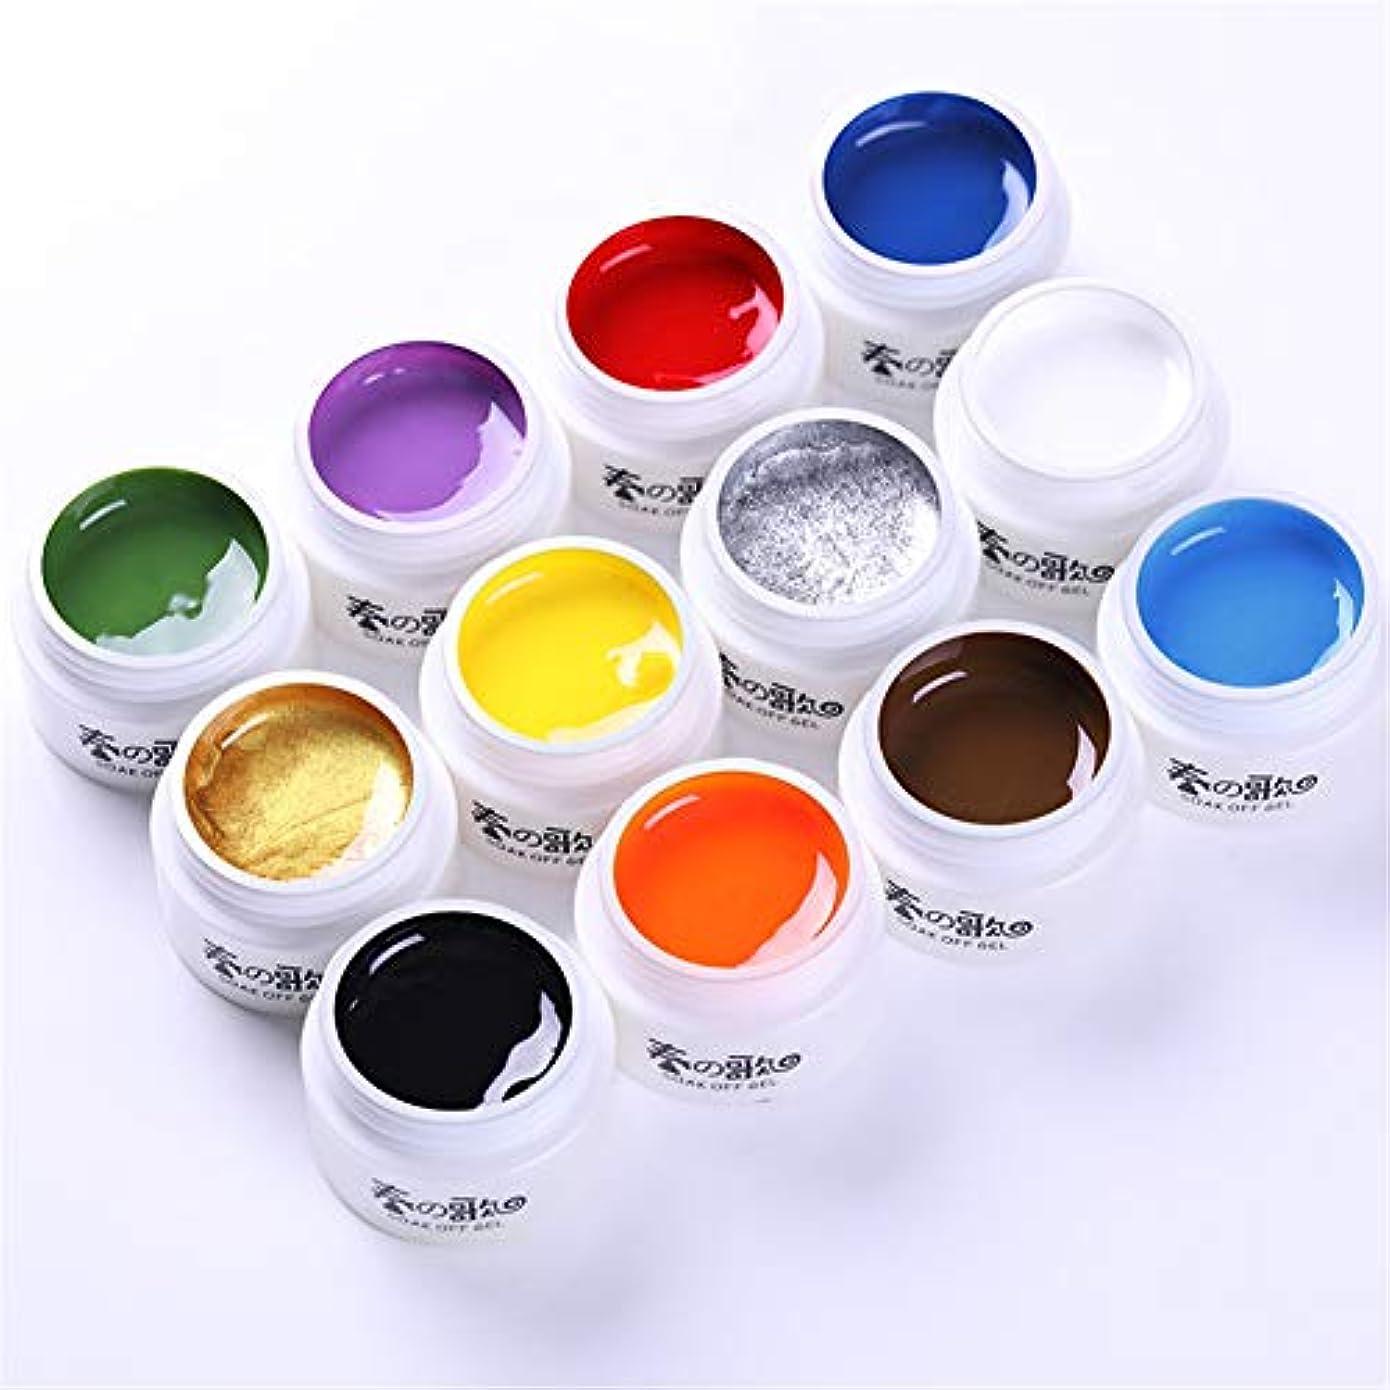 汚染された本当にモーター春の歌 アート専用のカラージェル ライナージェル ものすごく色が濃いカラージェル ラインを引くためのジェル、アクリル絵の具よりも柔らかく使いやすいジェル LED/UV両方対応 [並行輸入品]